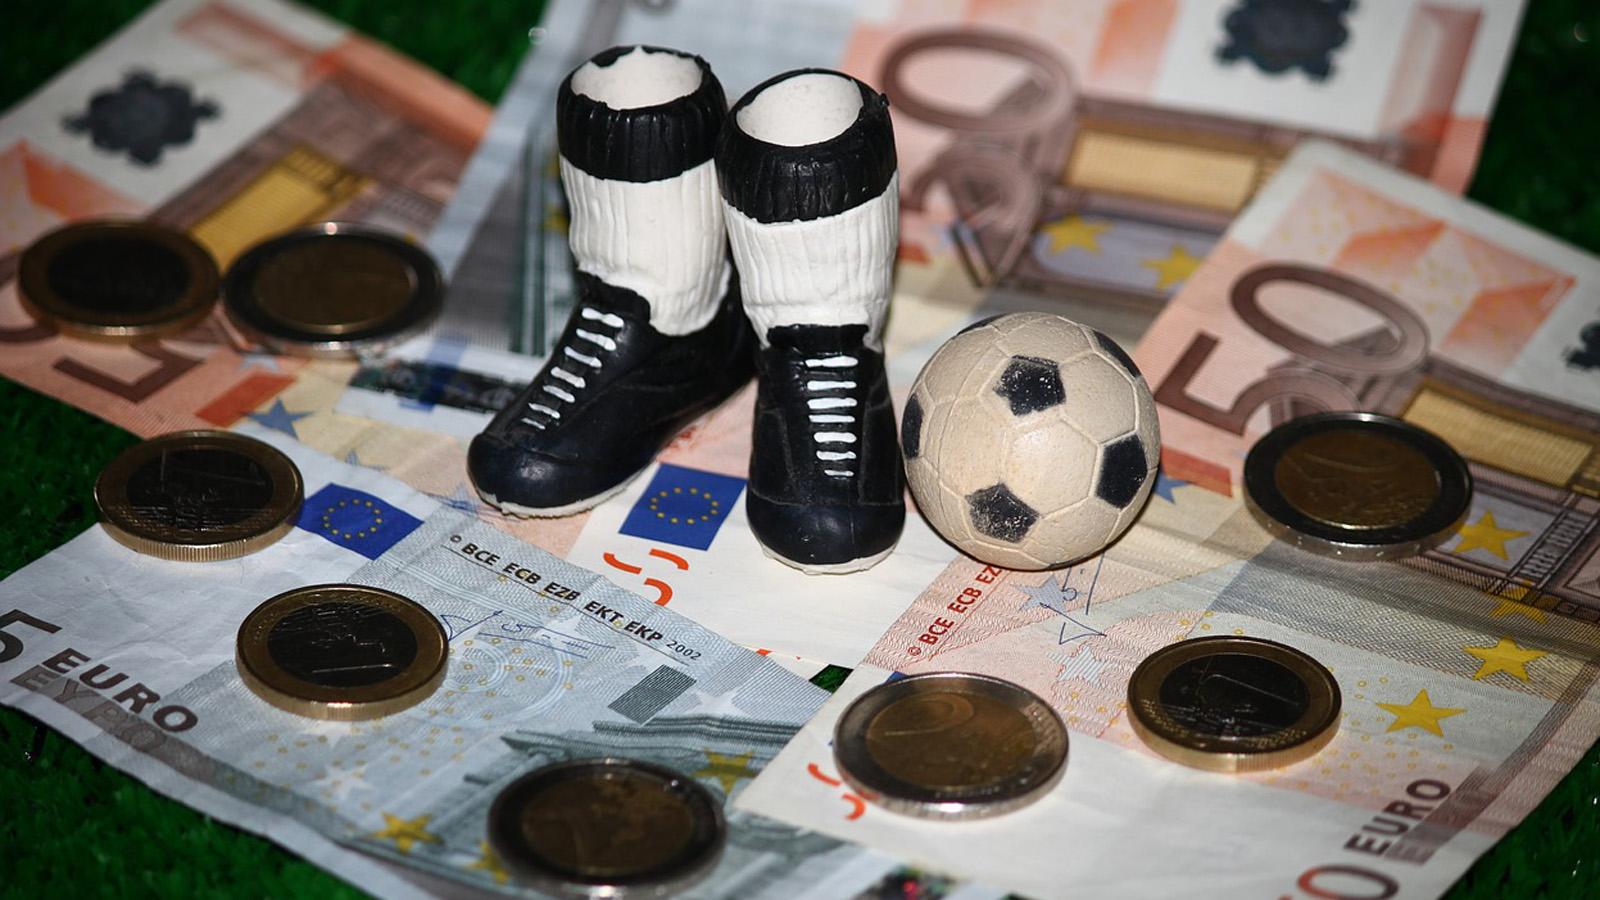 Saisonspende: Fußball und Geld | Foto: DS-Foto / Pixabay